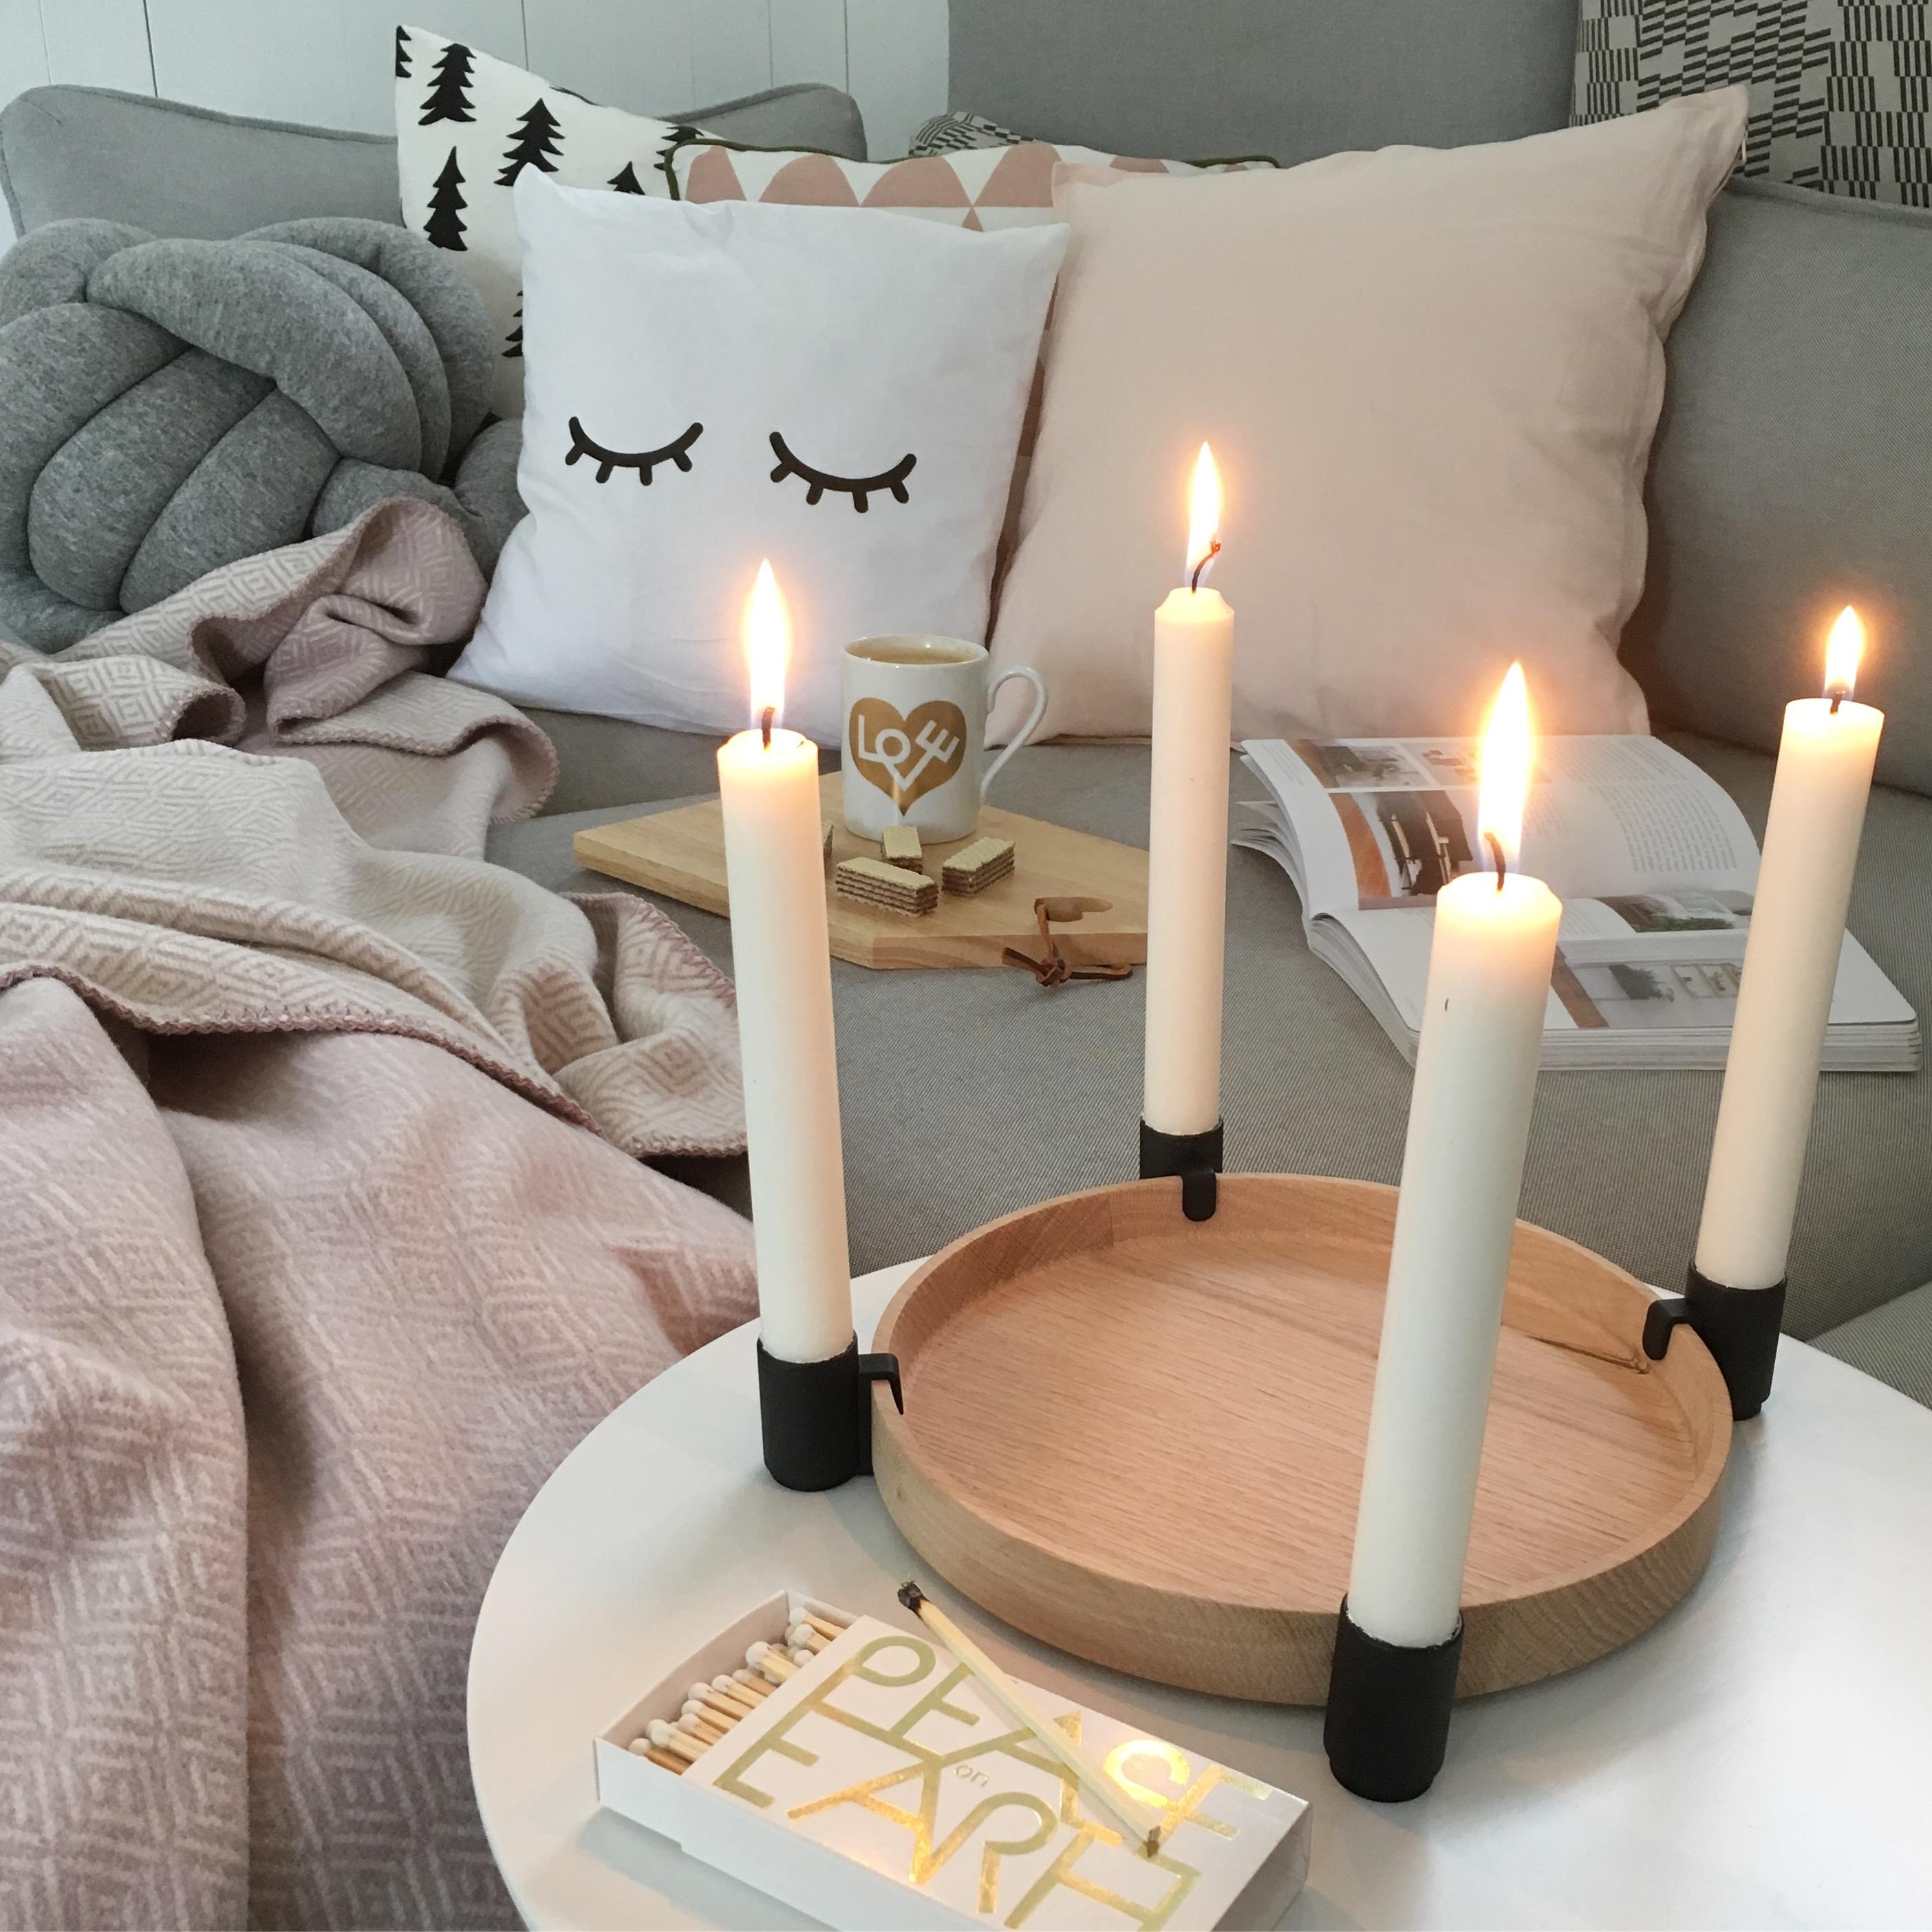 kuschelecke bilder ideen couchstyle. Black Bedroom Furniture Sets. Home Design Ideas